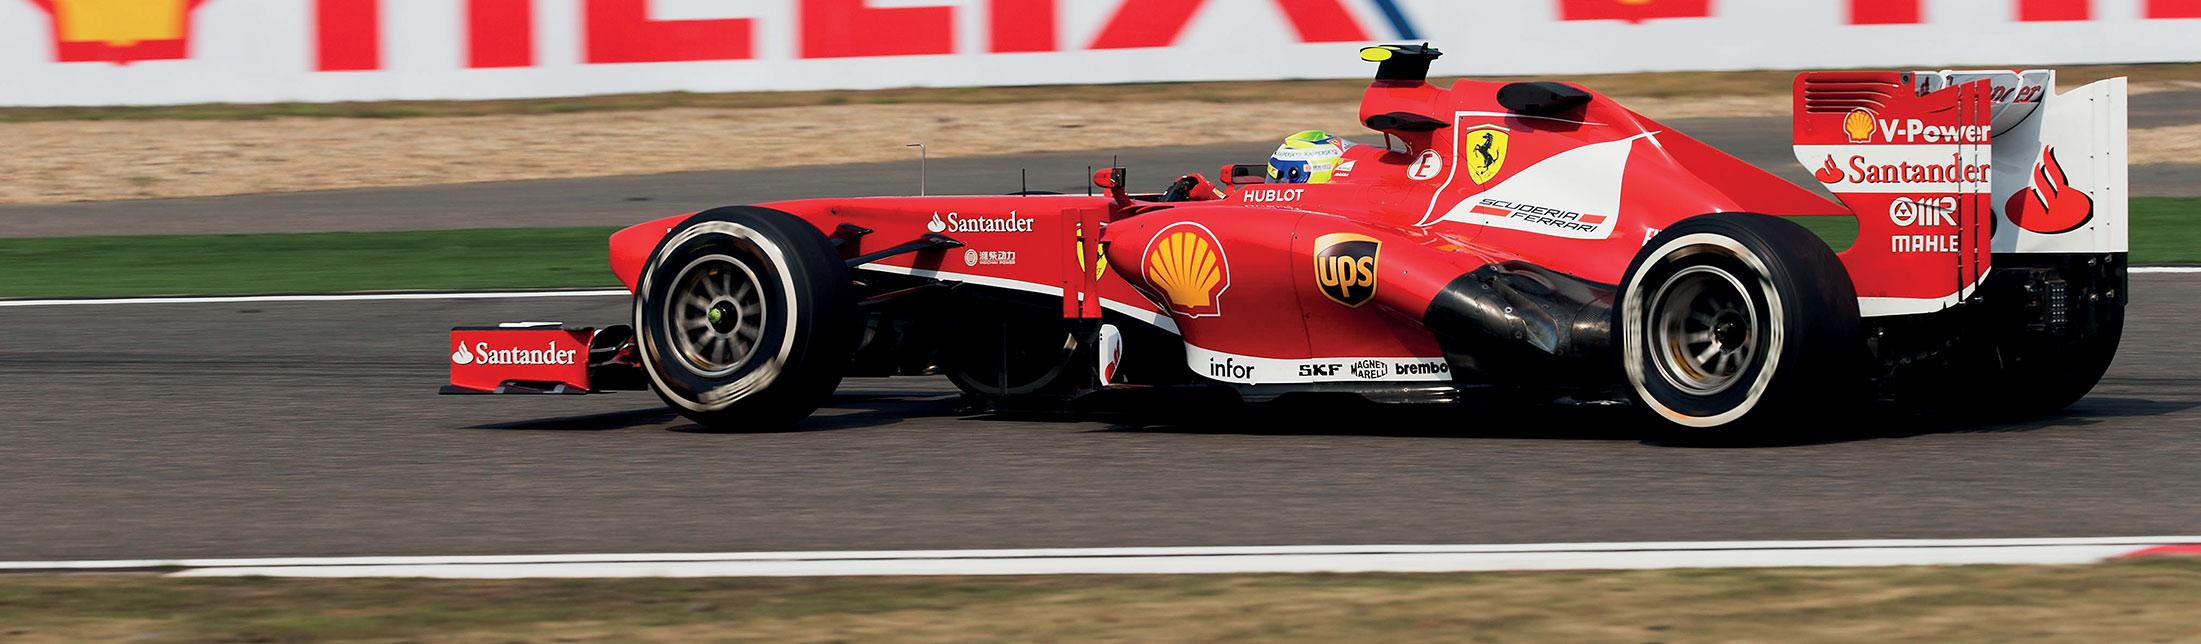 Ferrari et Shell: un partenariat gagnant pour les huiles moteurs!